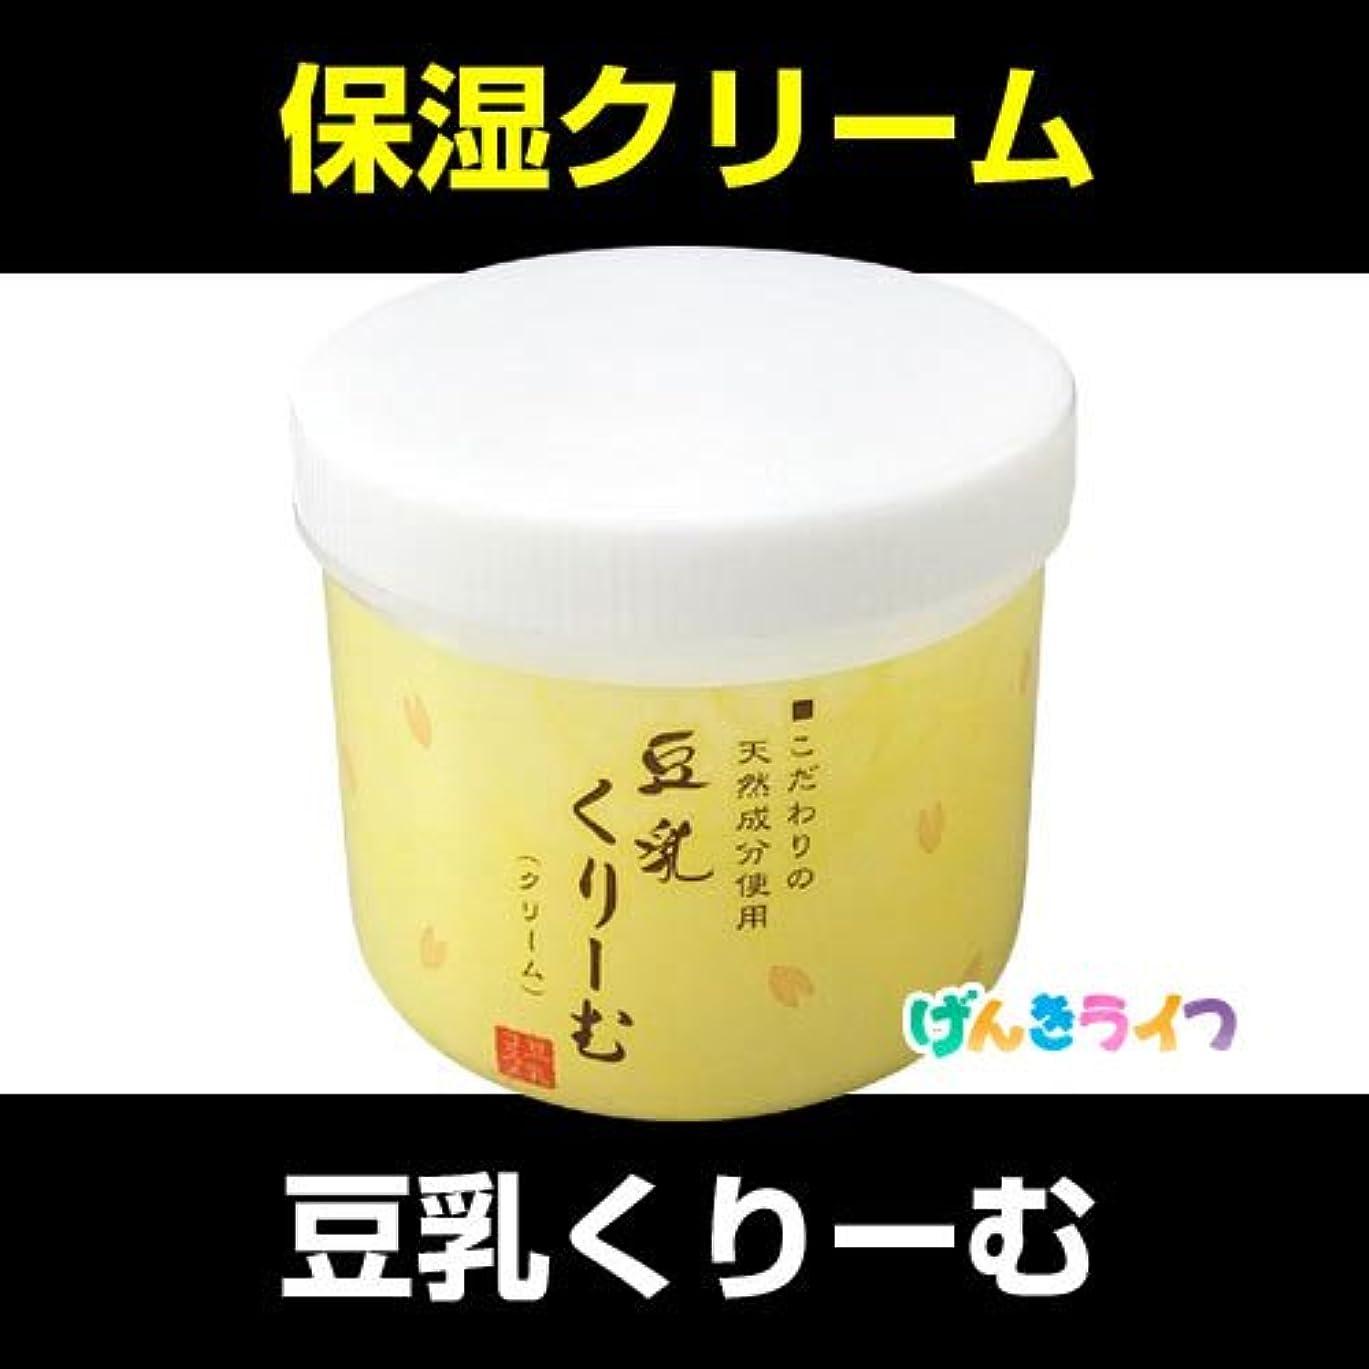 ペニー解釈吉野ふじや謹製 とうにゅうくりーむ(豆乳クリーム)【3個】